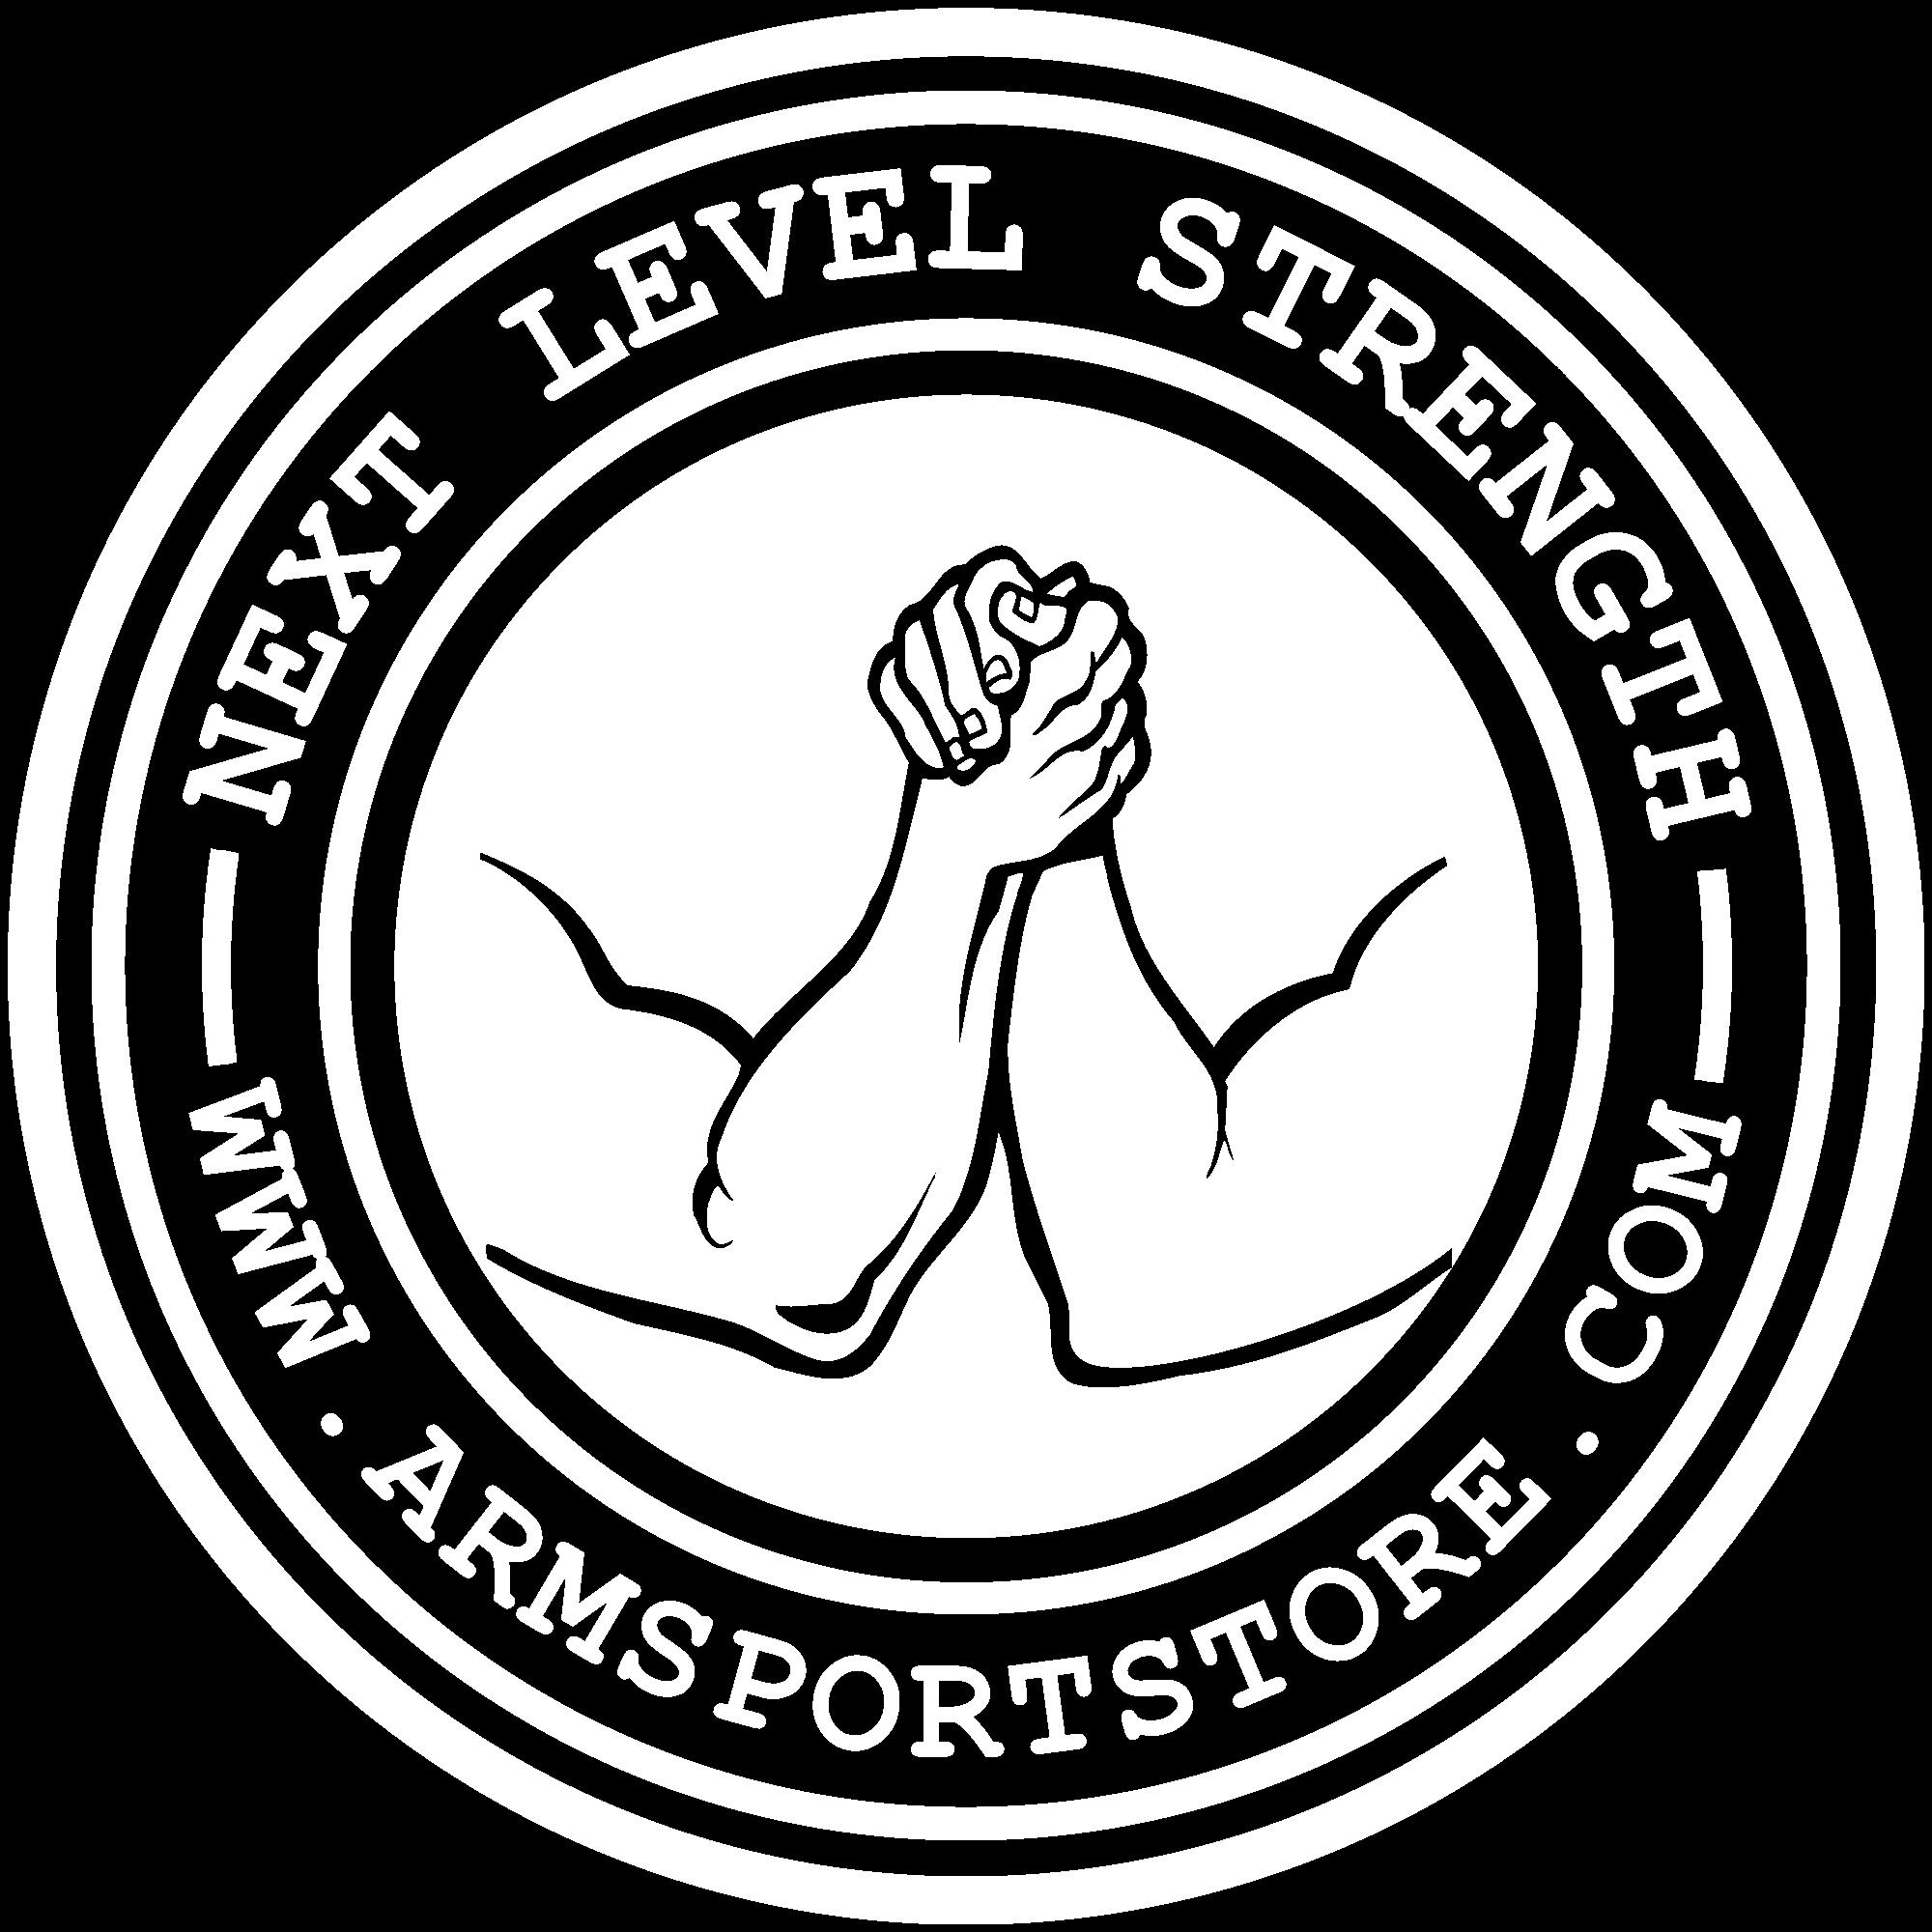 Armsportstore.com